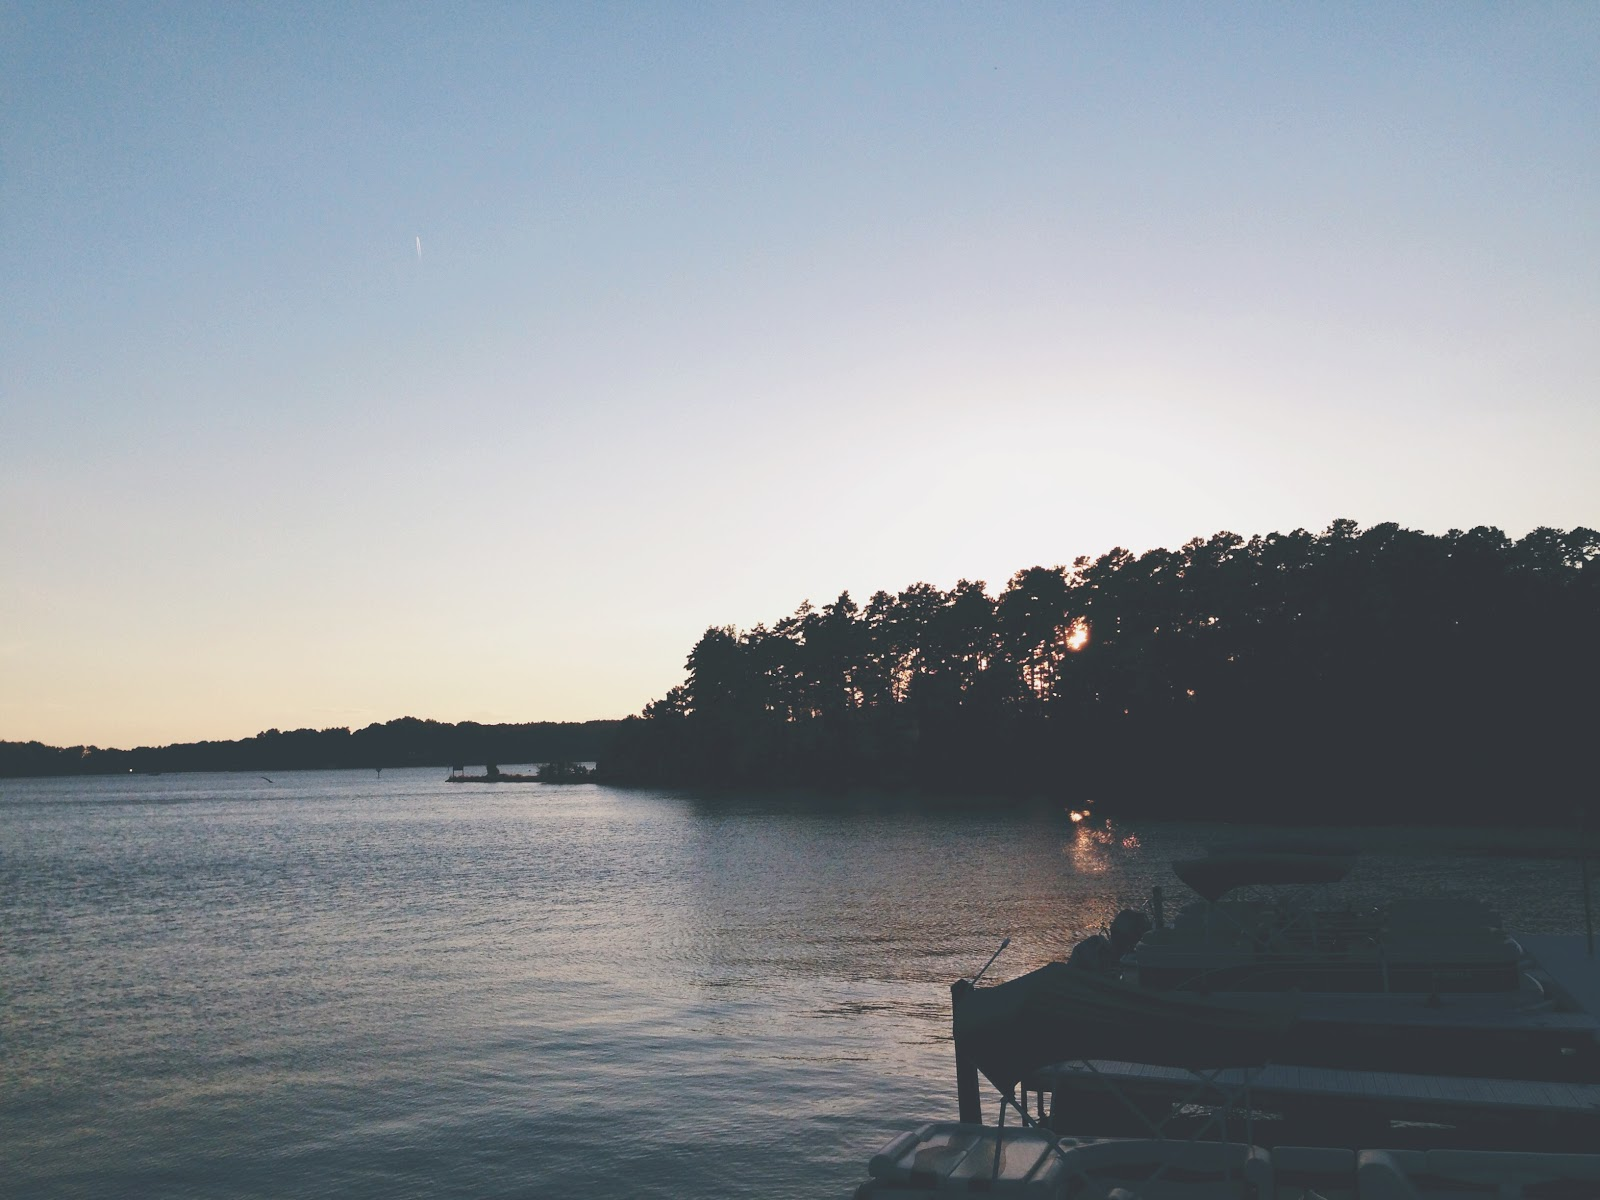 Lake Norman, North Carolina